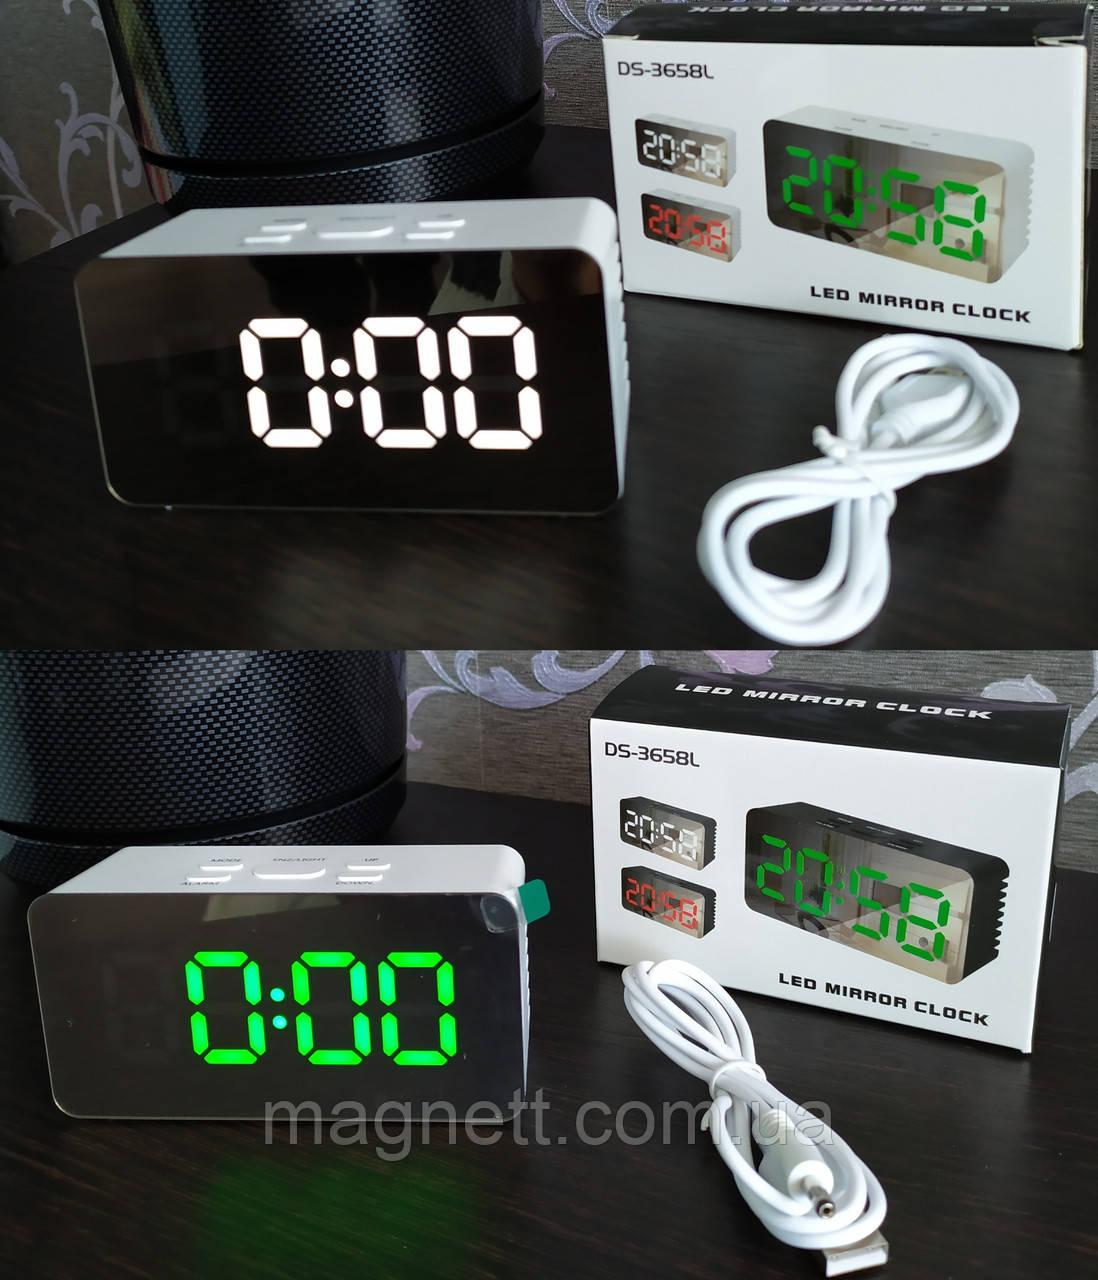 Электронные настольные зеркальные LED часы DS-3658L зеленая,белая подсветка